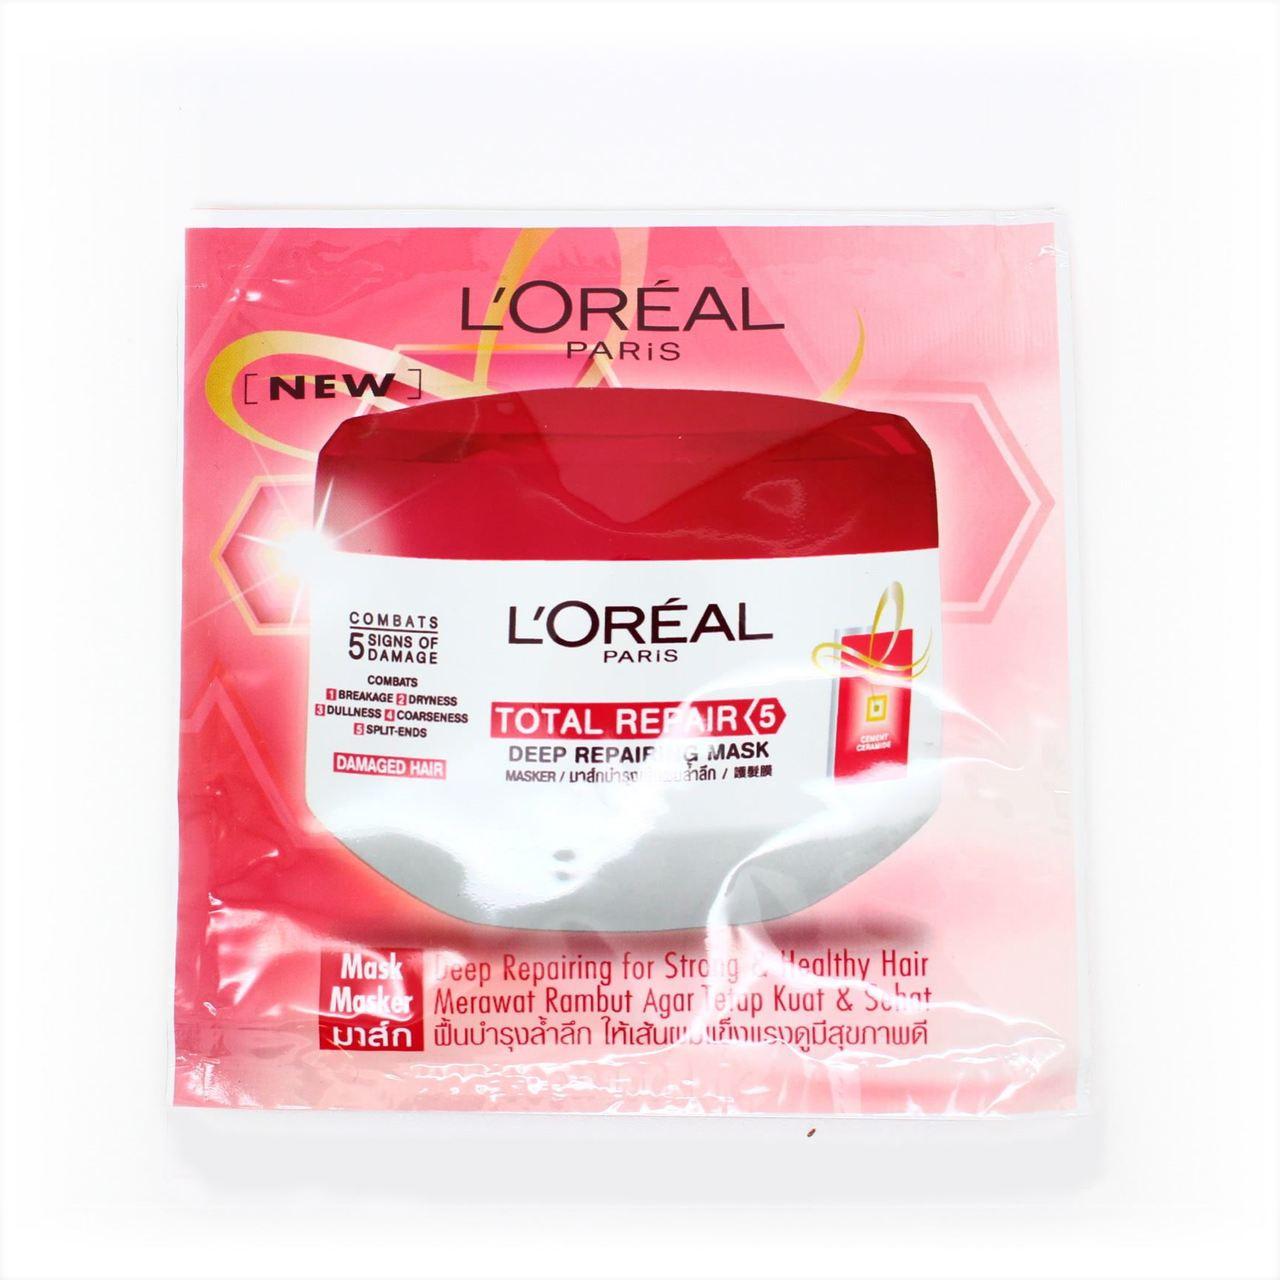 Loreal Total Repair Deep Repairing Hair Mask Sachet 12ml Go Tiny